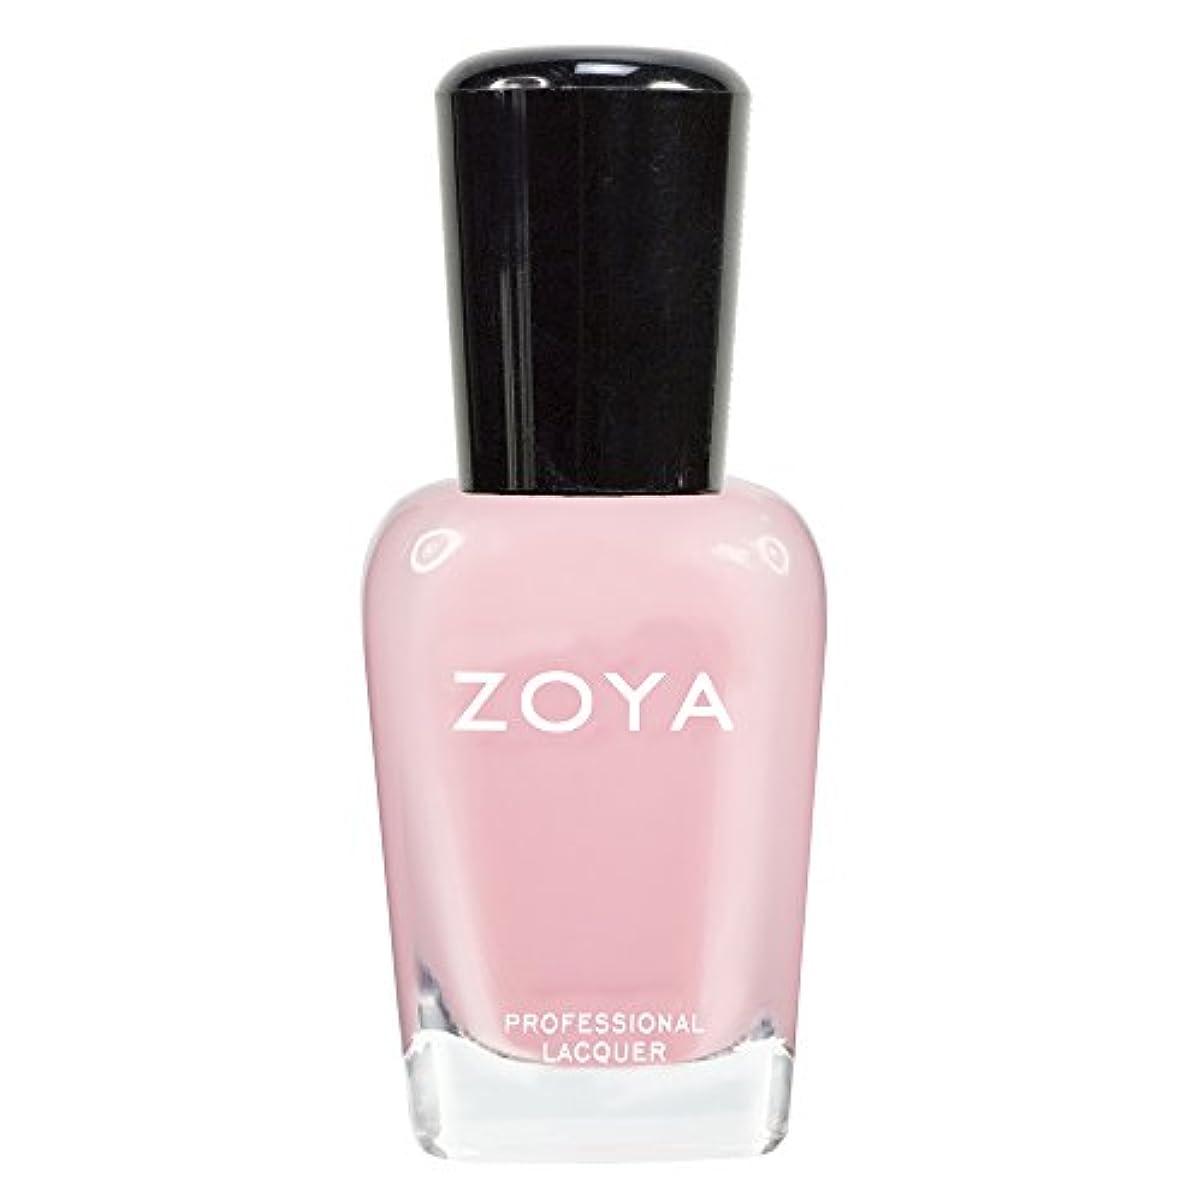 ヘビ上げる活力ZOYA ゾーヤ ネイルカラーZP433 LAURIE ローリー 15ml 可愛く色づく桜の花ようなピンク シアー/クリーム 爪にやさしいネイルラッカーマニキュア